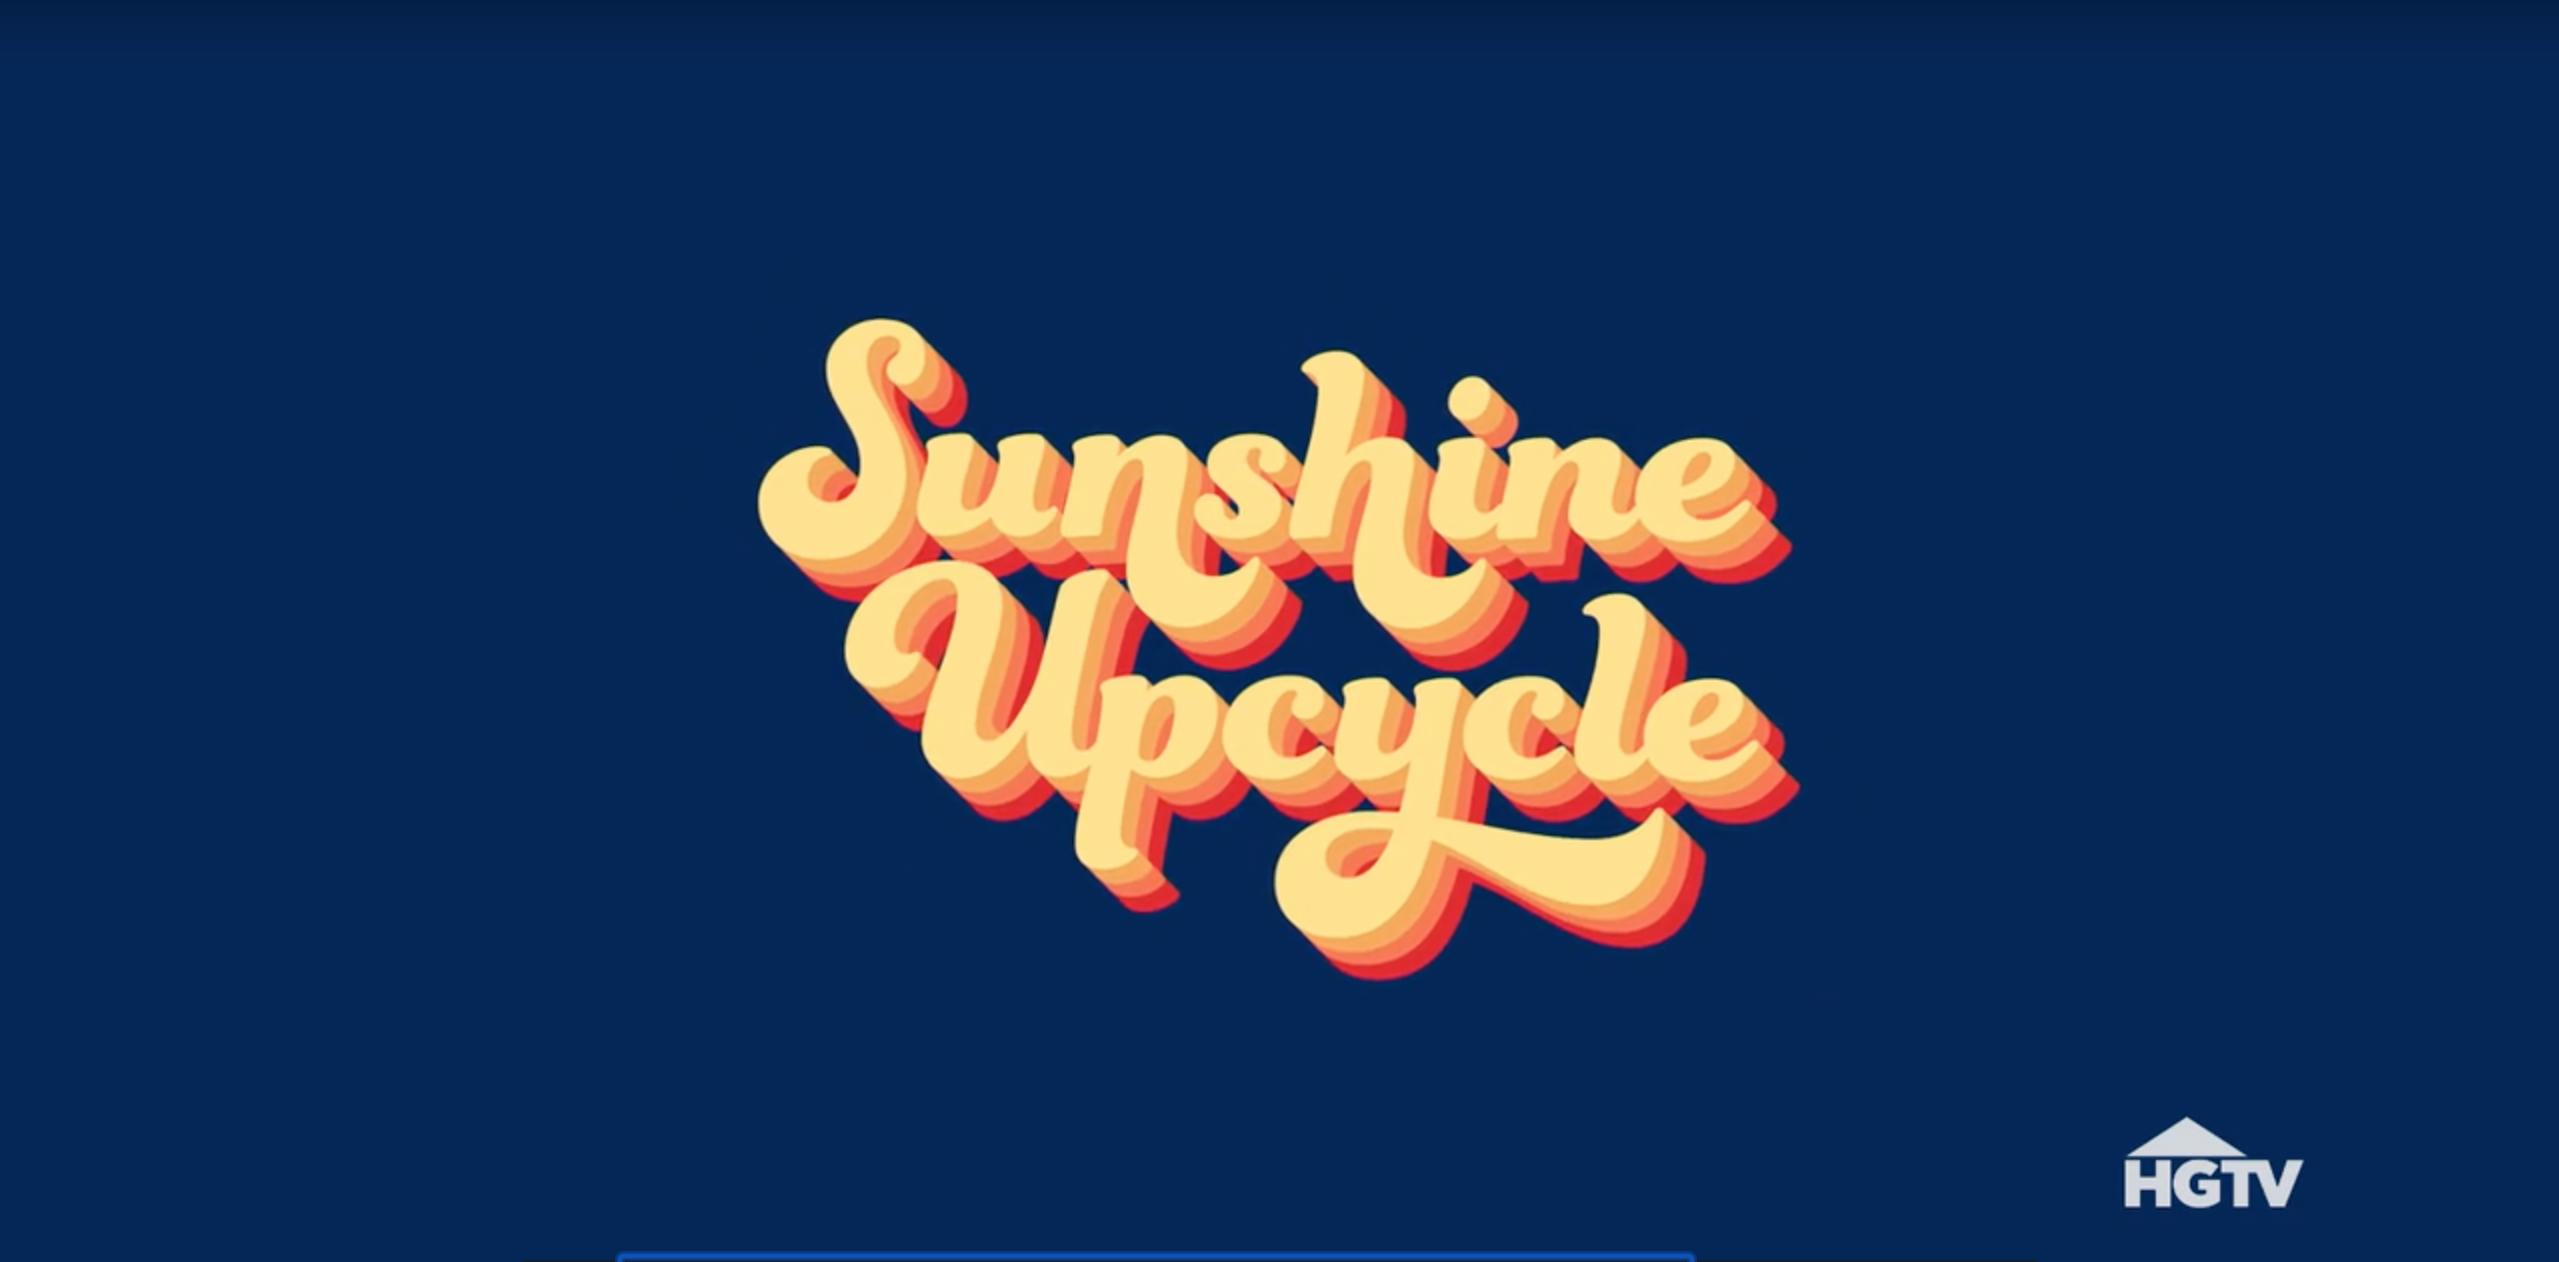 Sunshine Upcycle